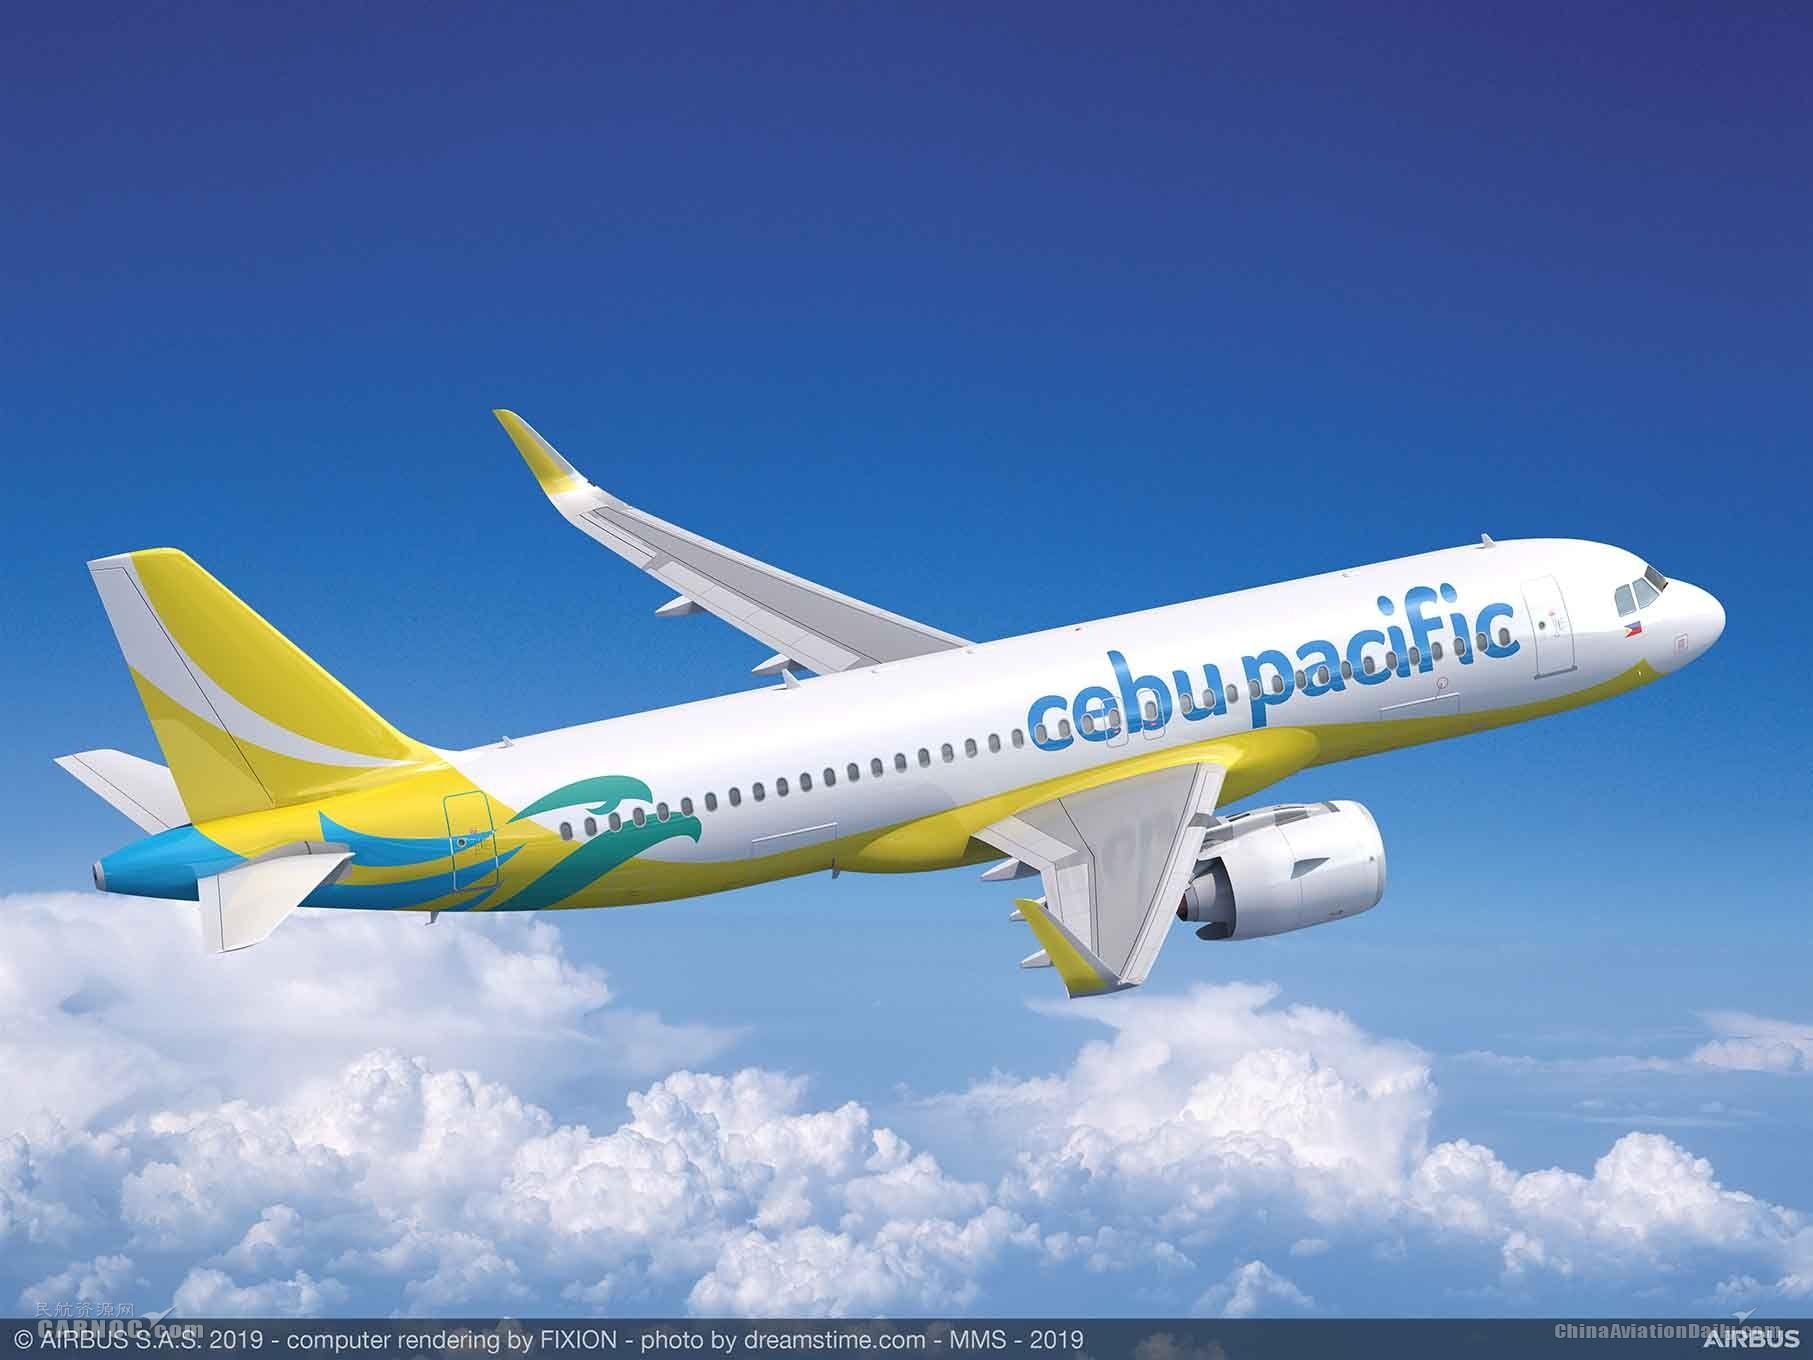 宿务太平洋航空订购31架空客飞机